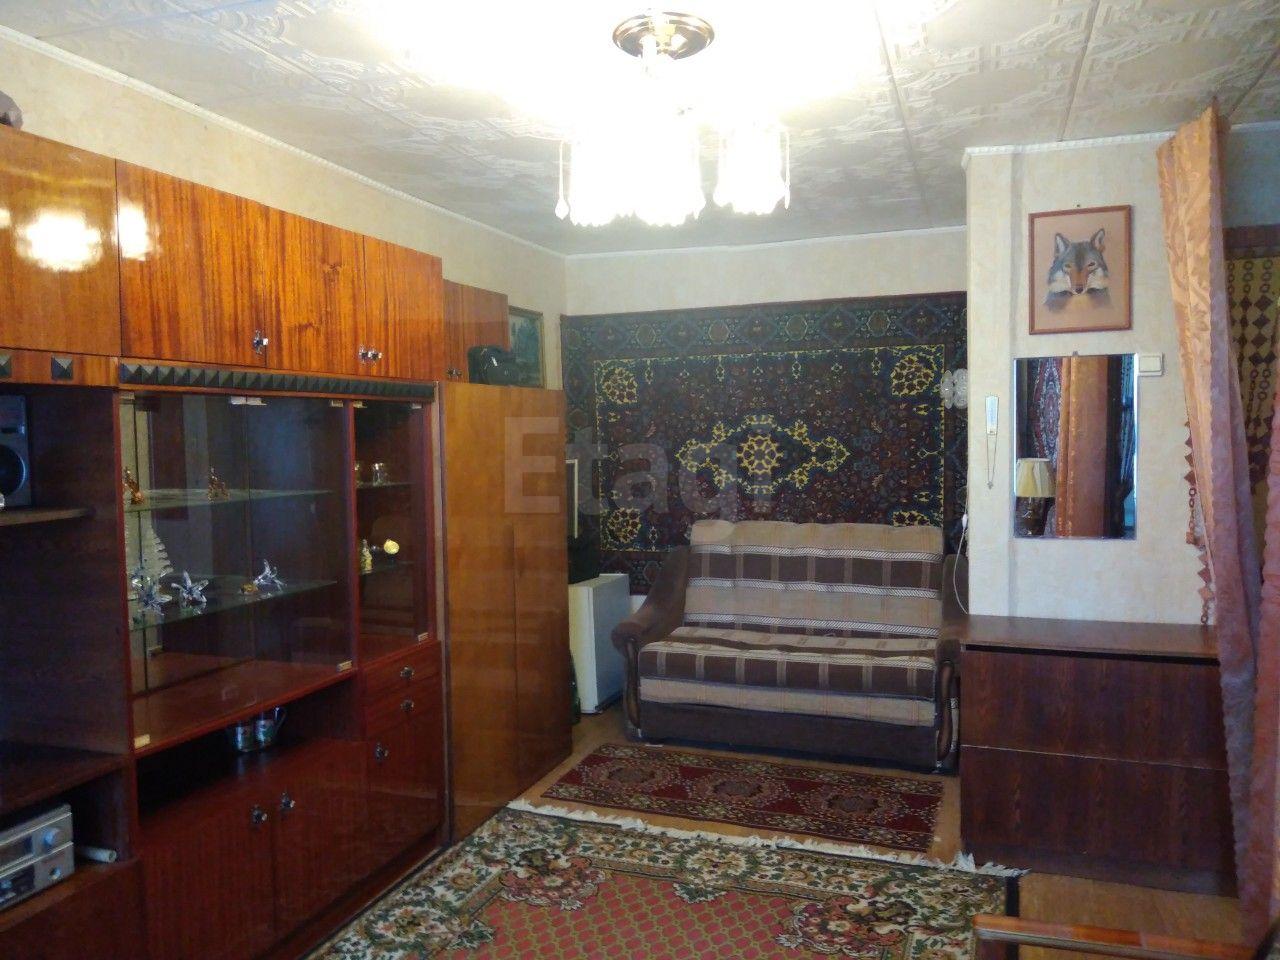 Муром, Воровского, 91а, 1-к. квартира на продажу